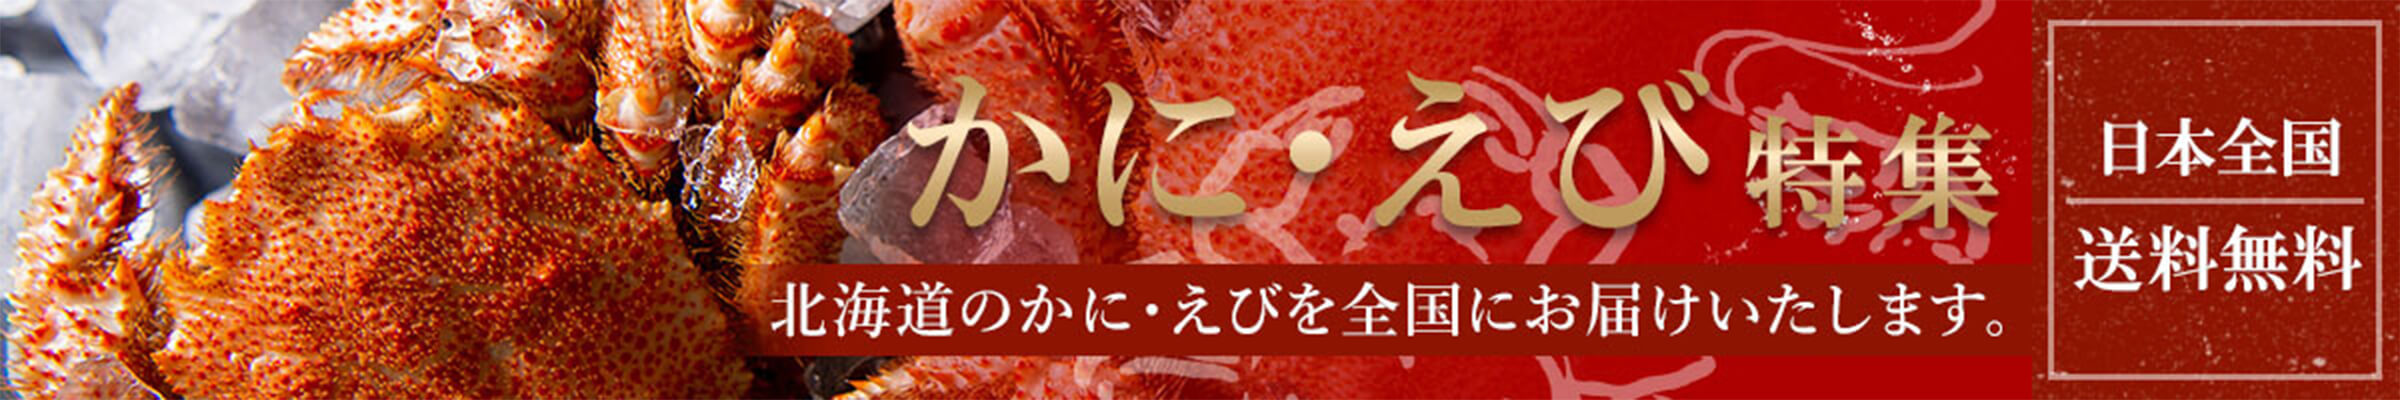 かに・えび特集 北海道のかに・えびを全国にお届けいたします。日本全国 送料無料